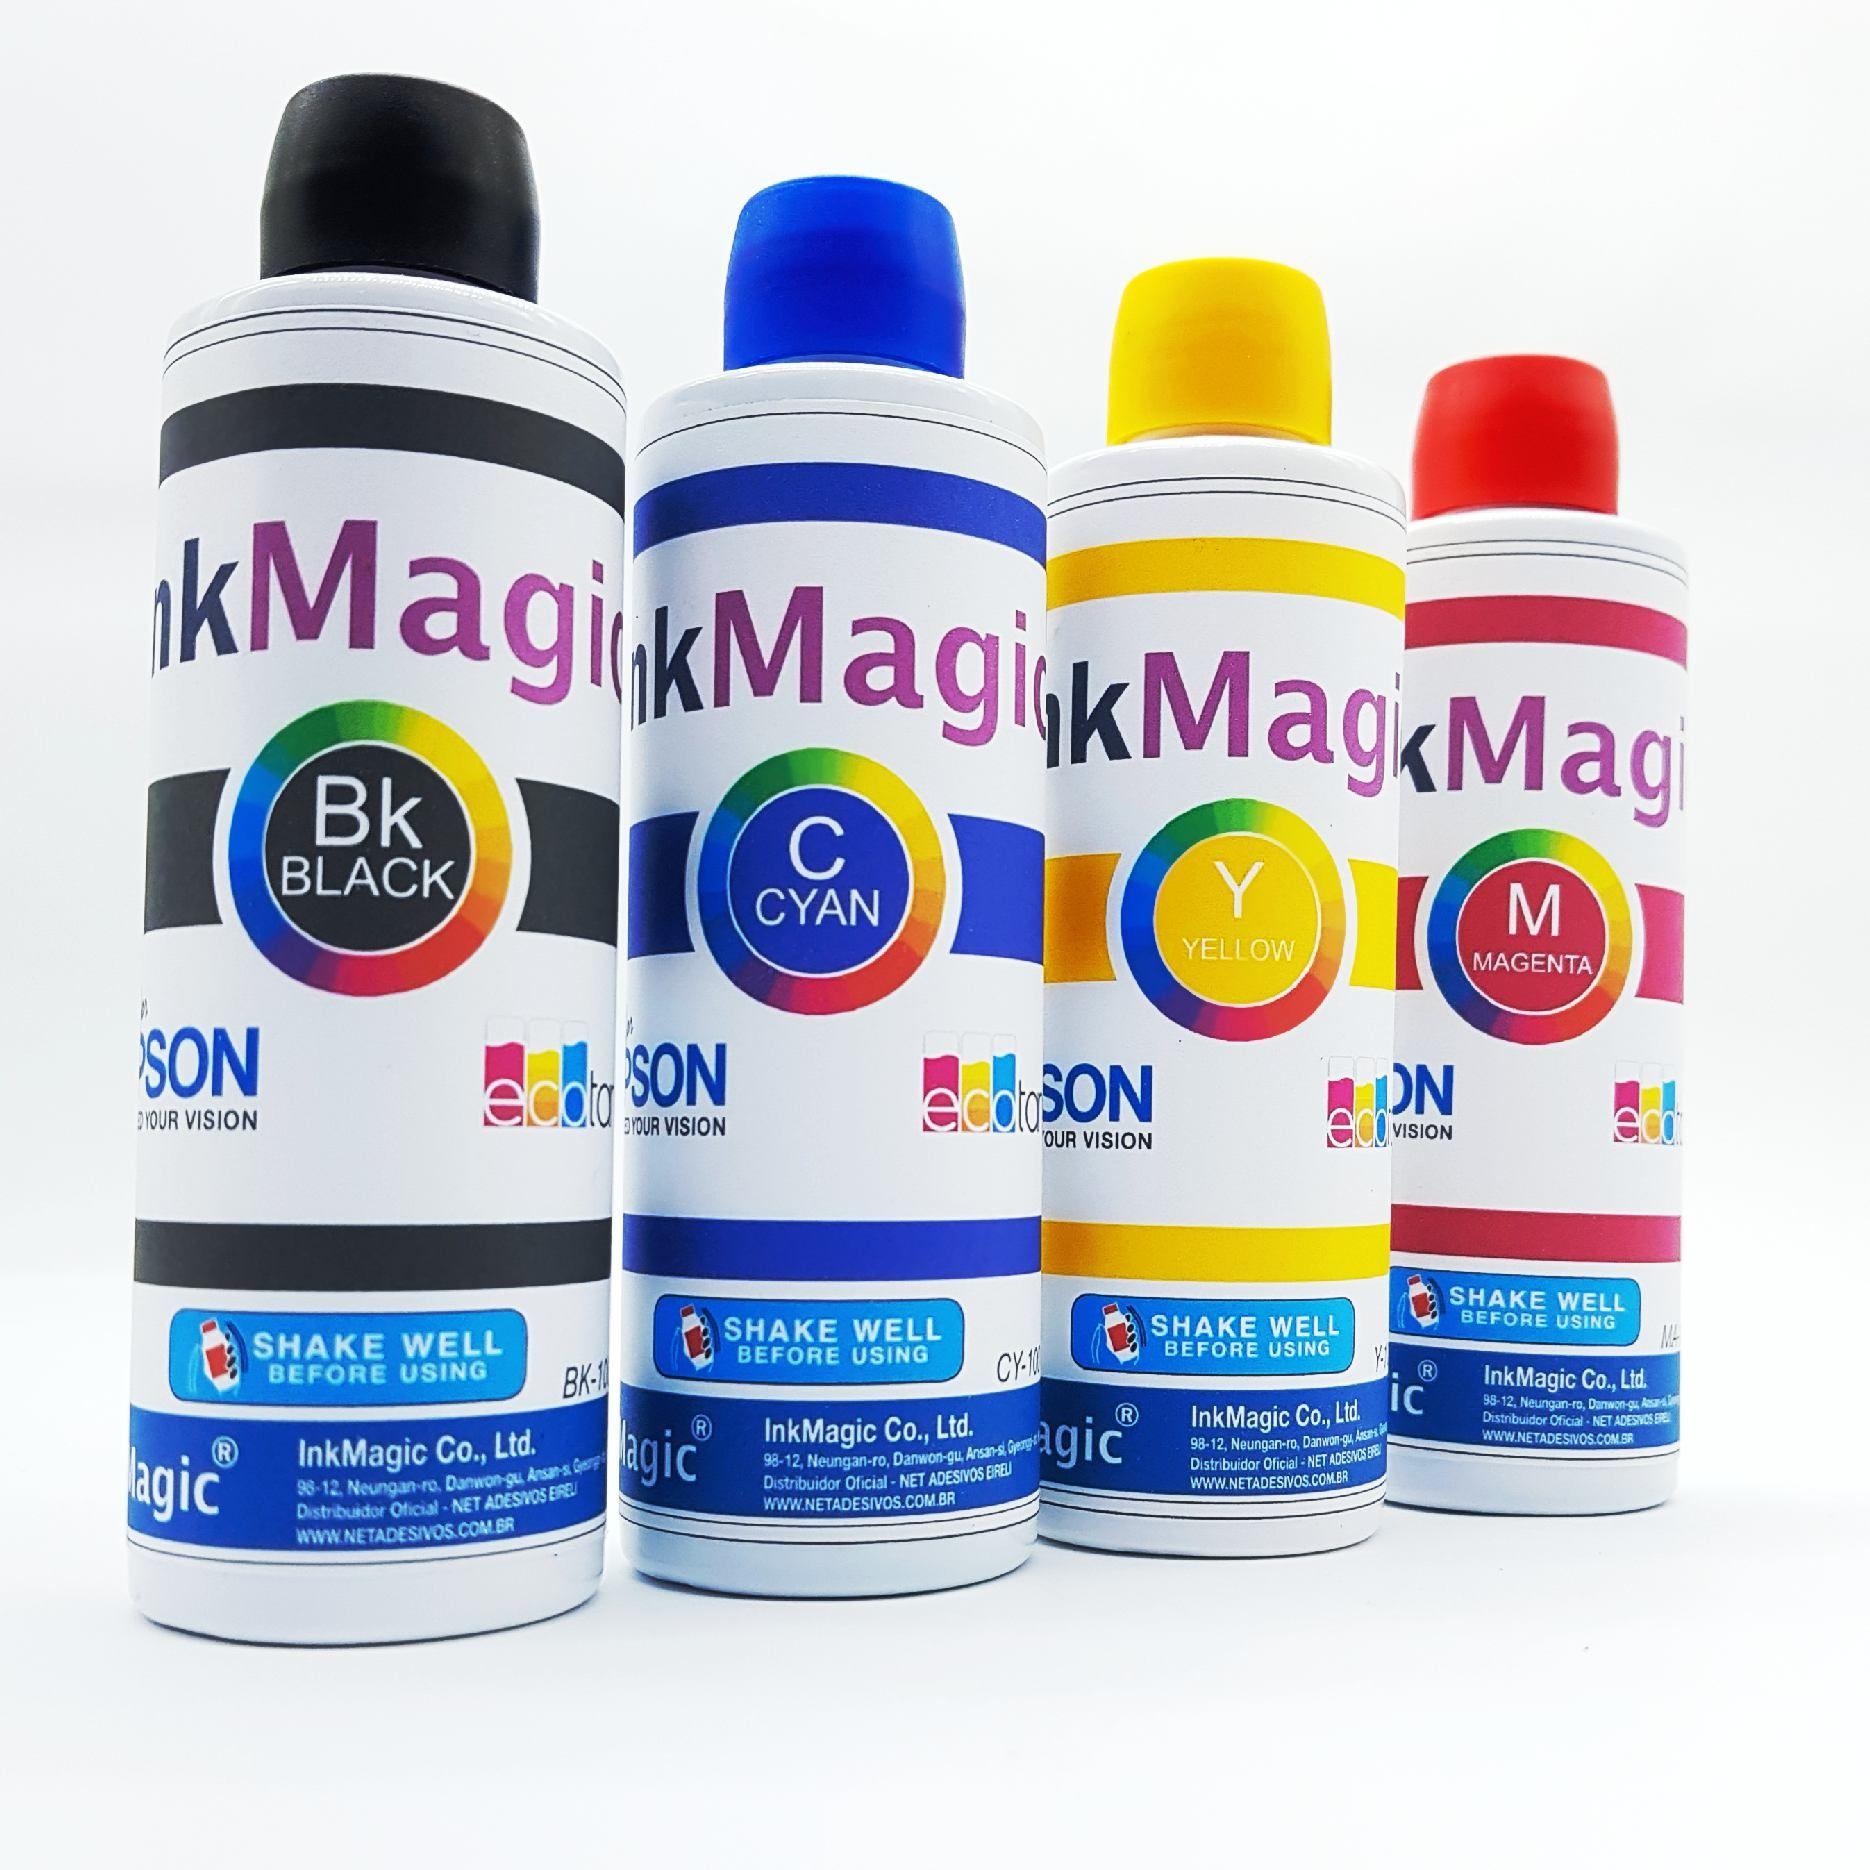 Tinta Sublimática InkMagic 500ml + 100 Papel Sublimático A4 + Icc